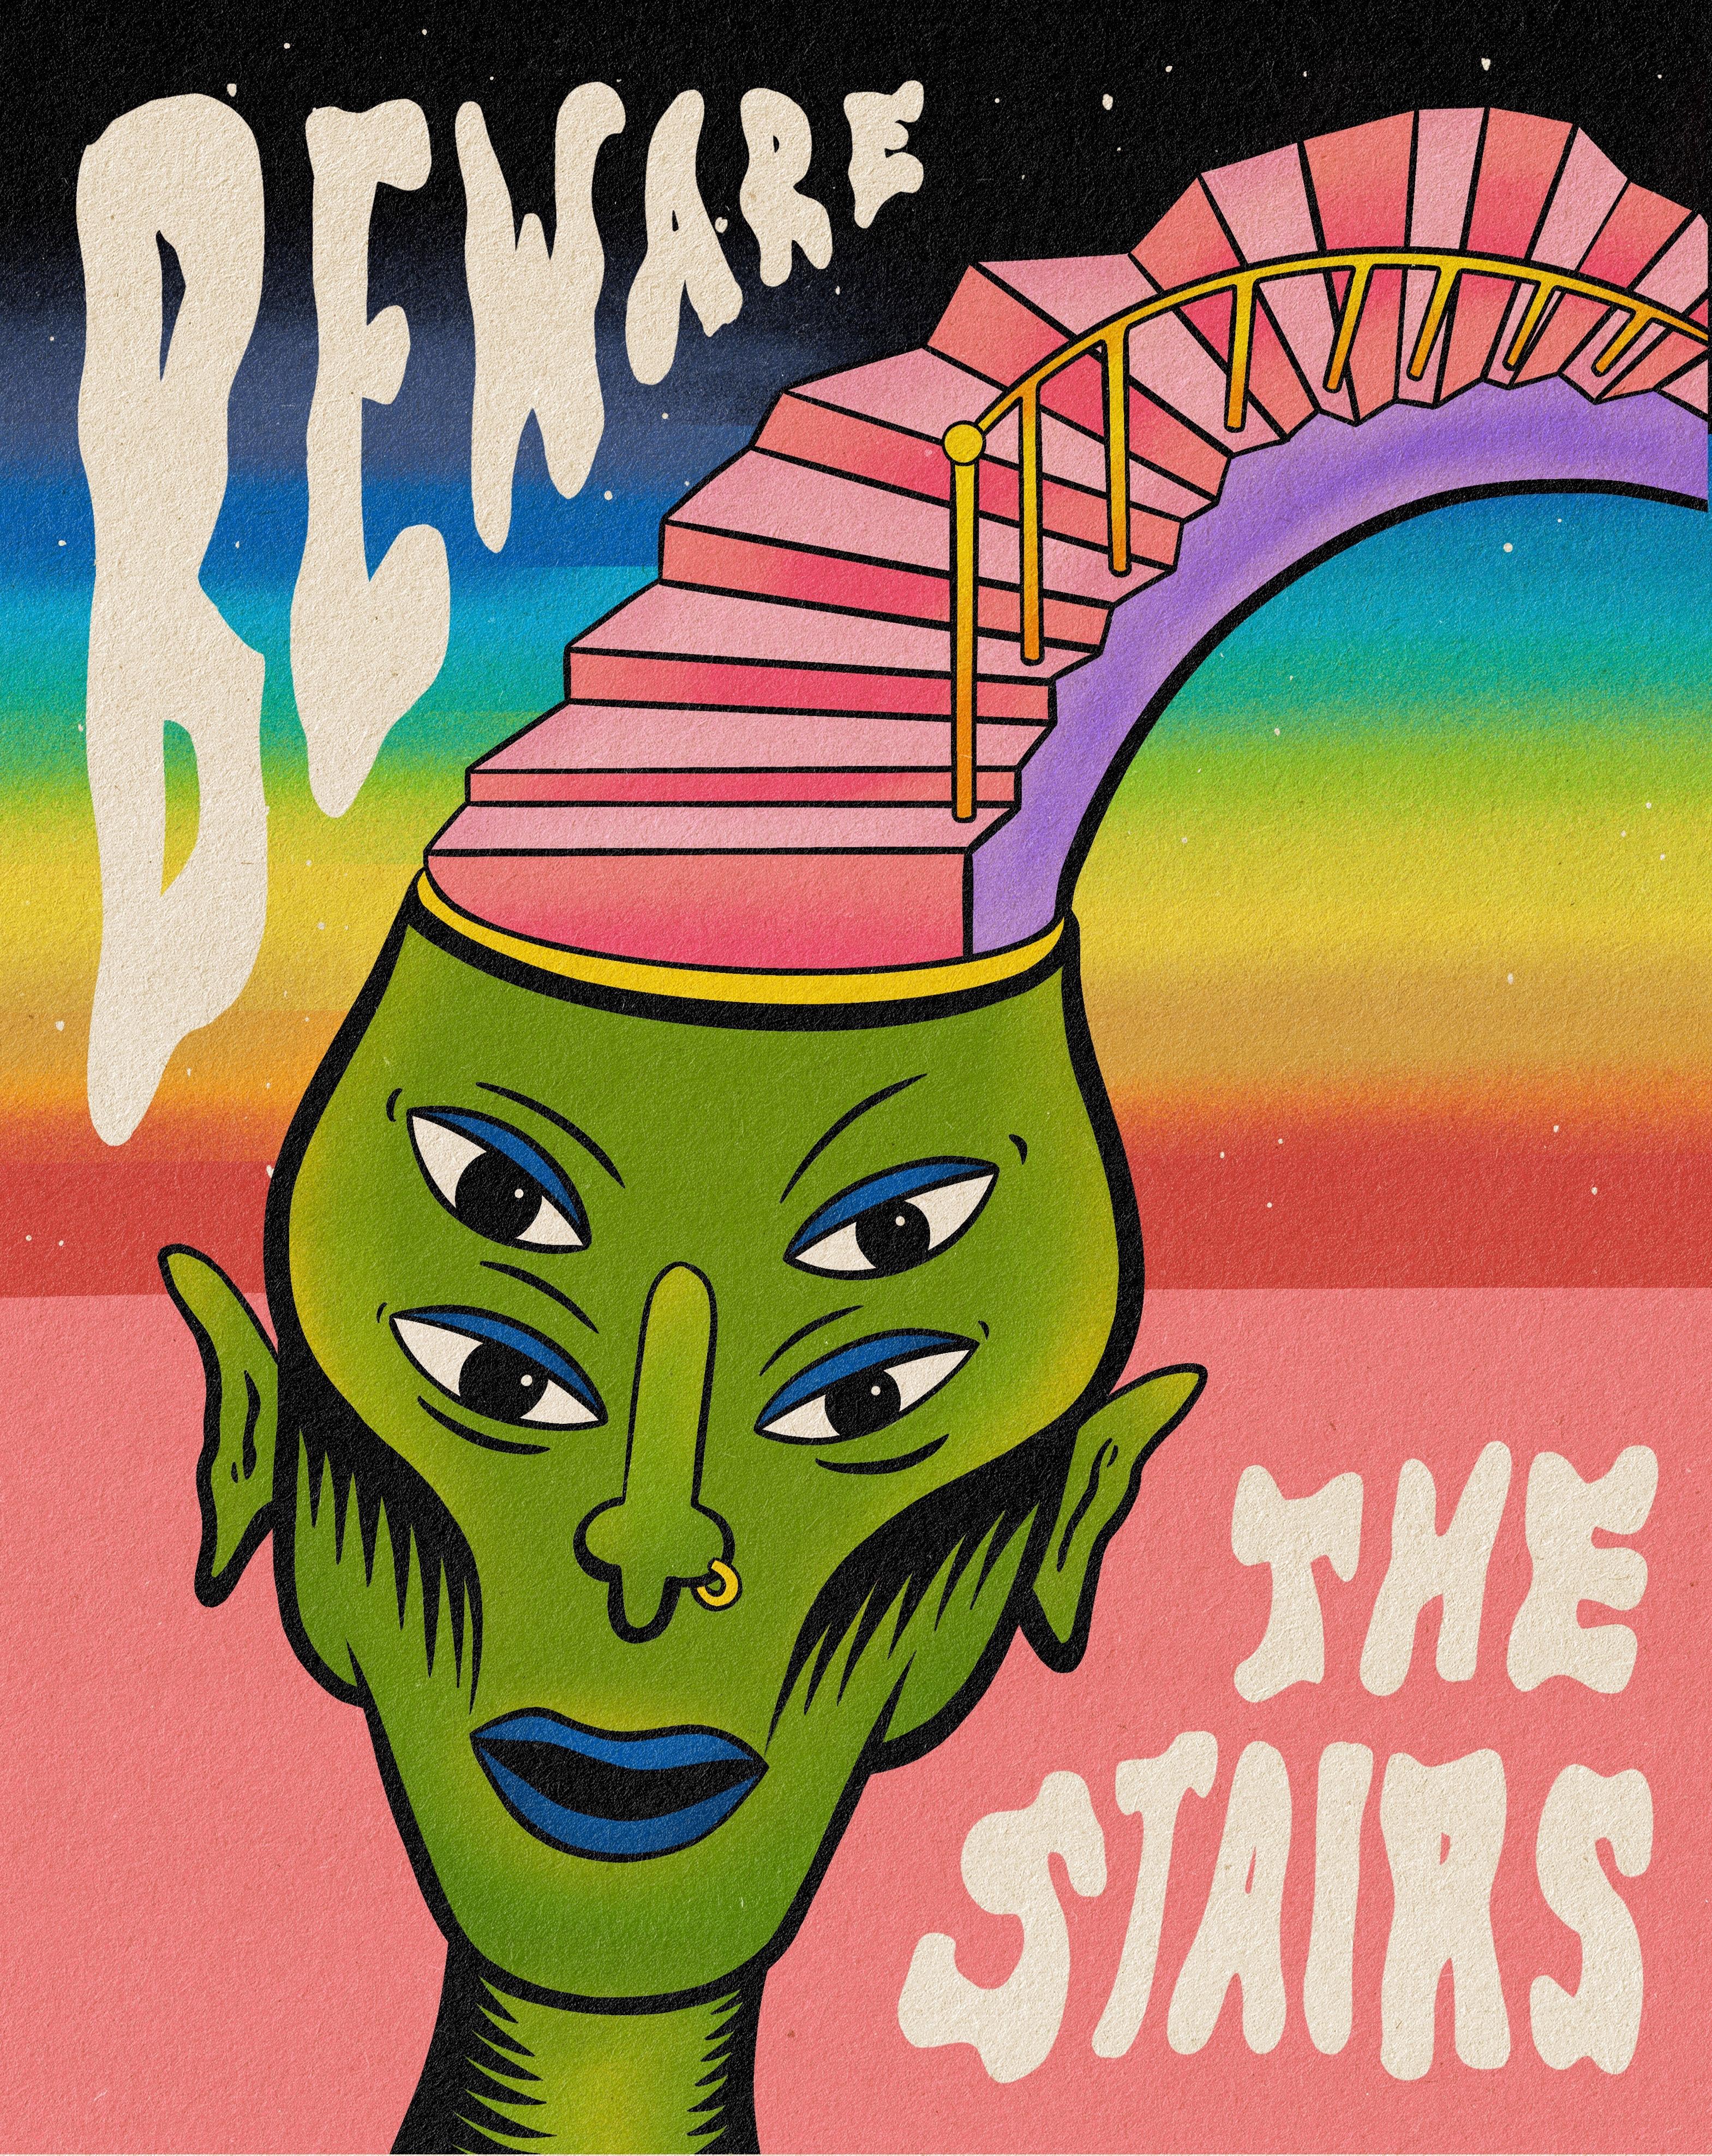 'Beware The Stairs'